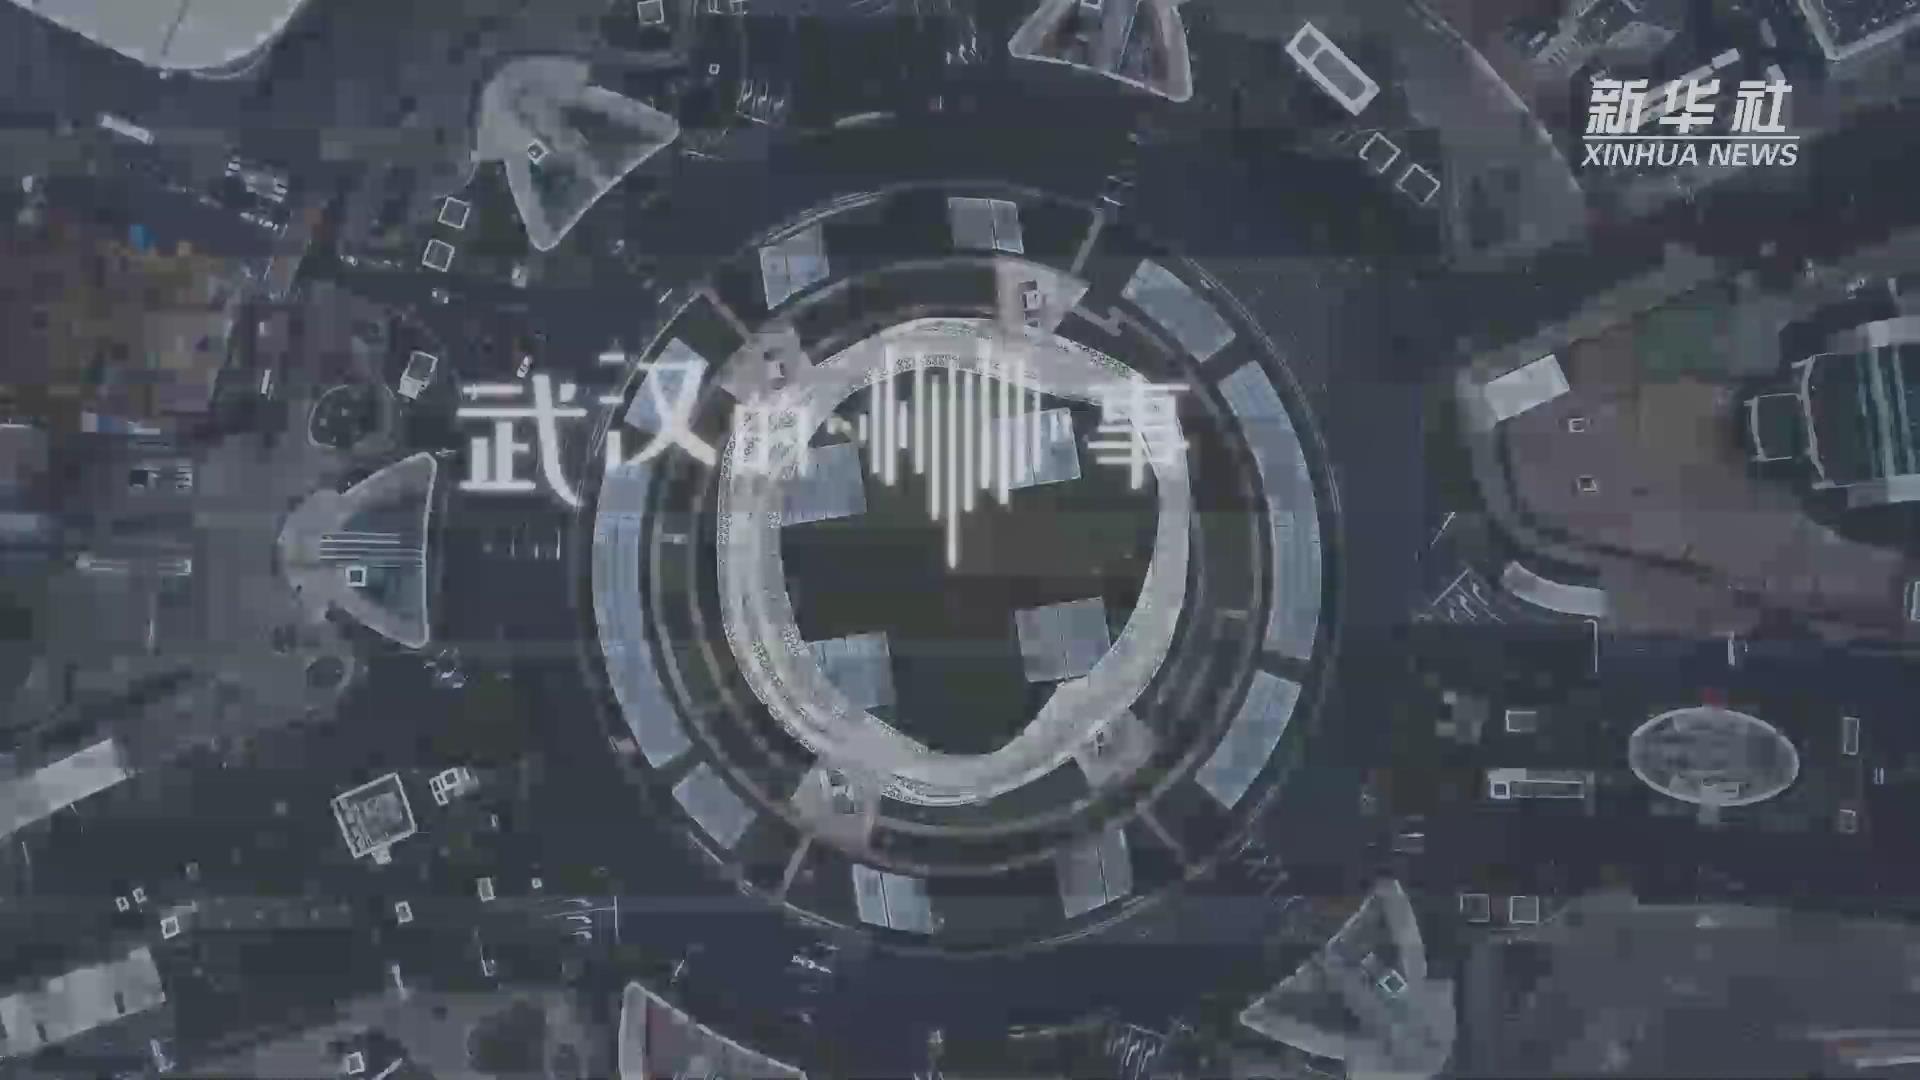 武汉的心事,大家在听XxjfceC007[00_00_35][20200421-121825].jpg